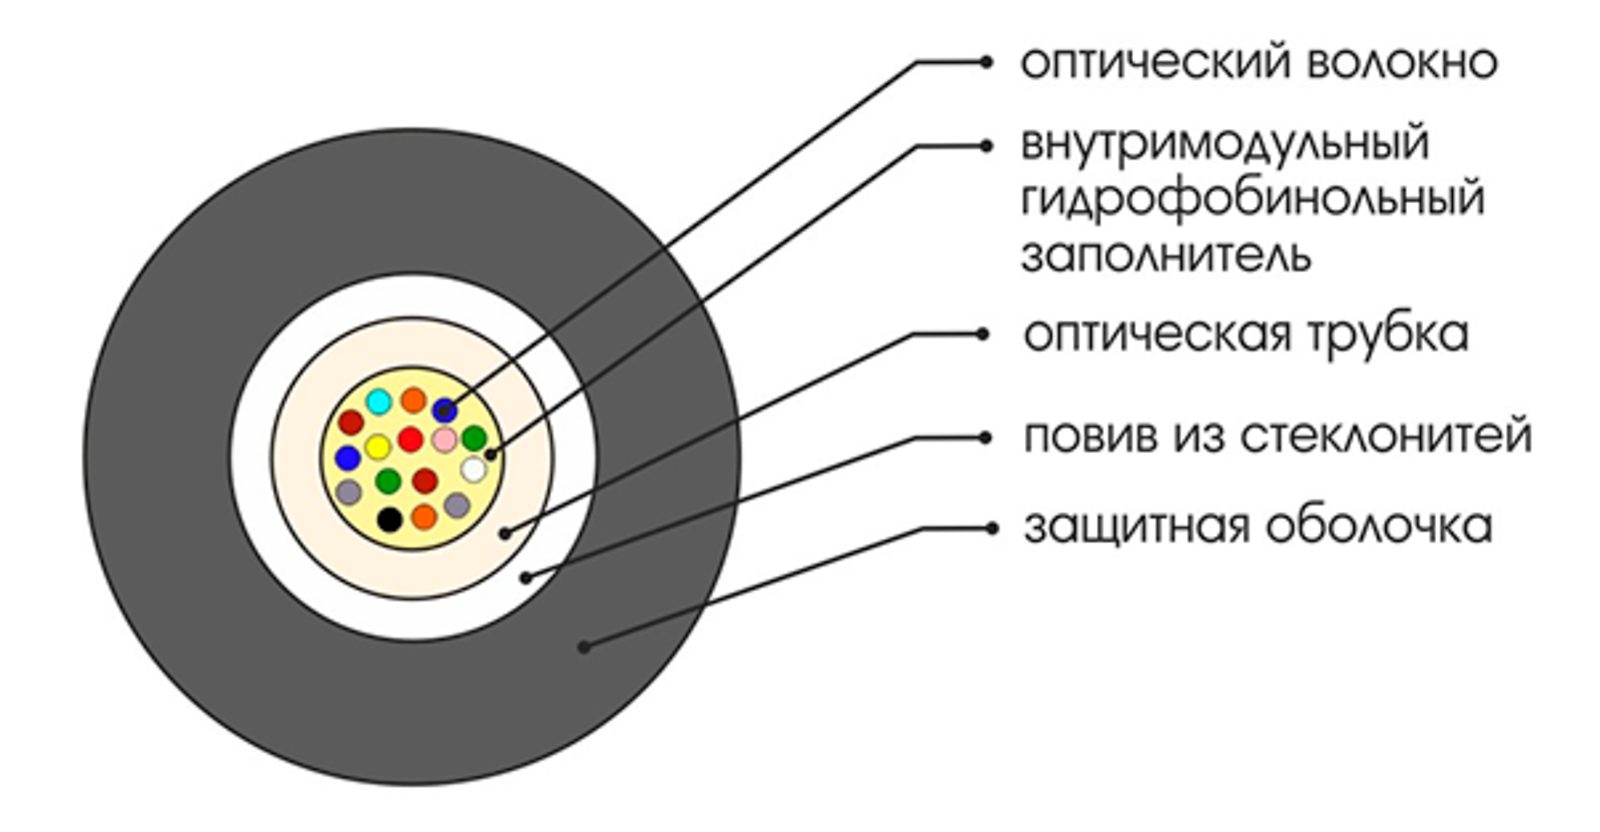 КАБЕЛЬ волоконно-оптический ОКГС-Т